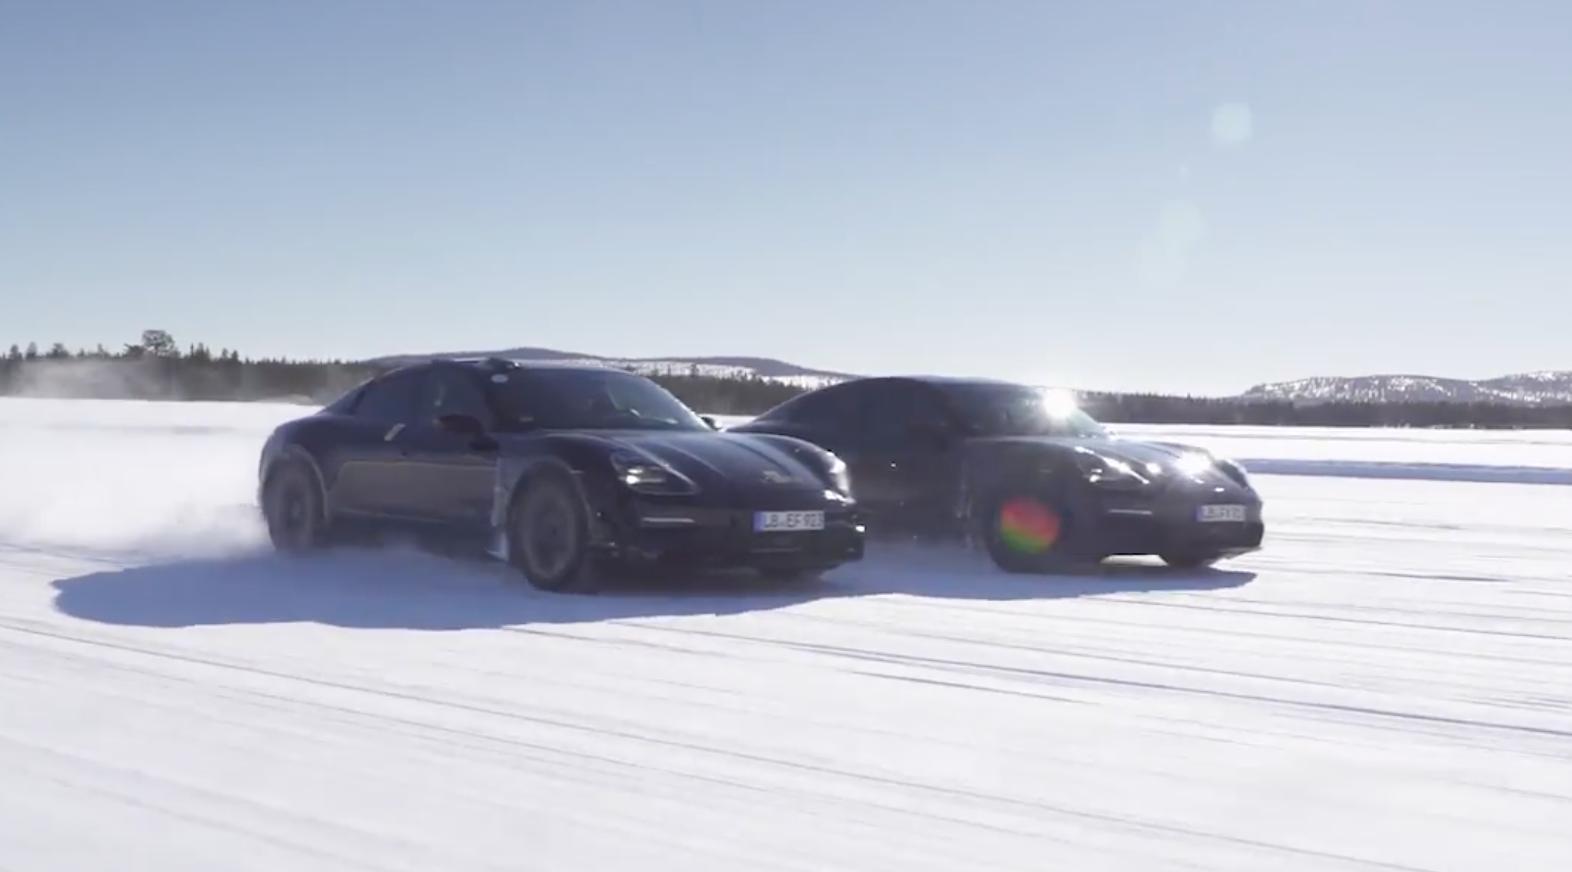 Endspurt bei der Erprobung des neuen Porsche Taycan